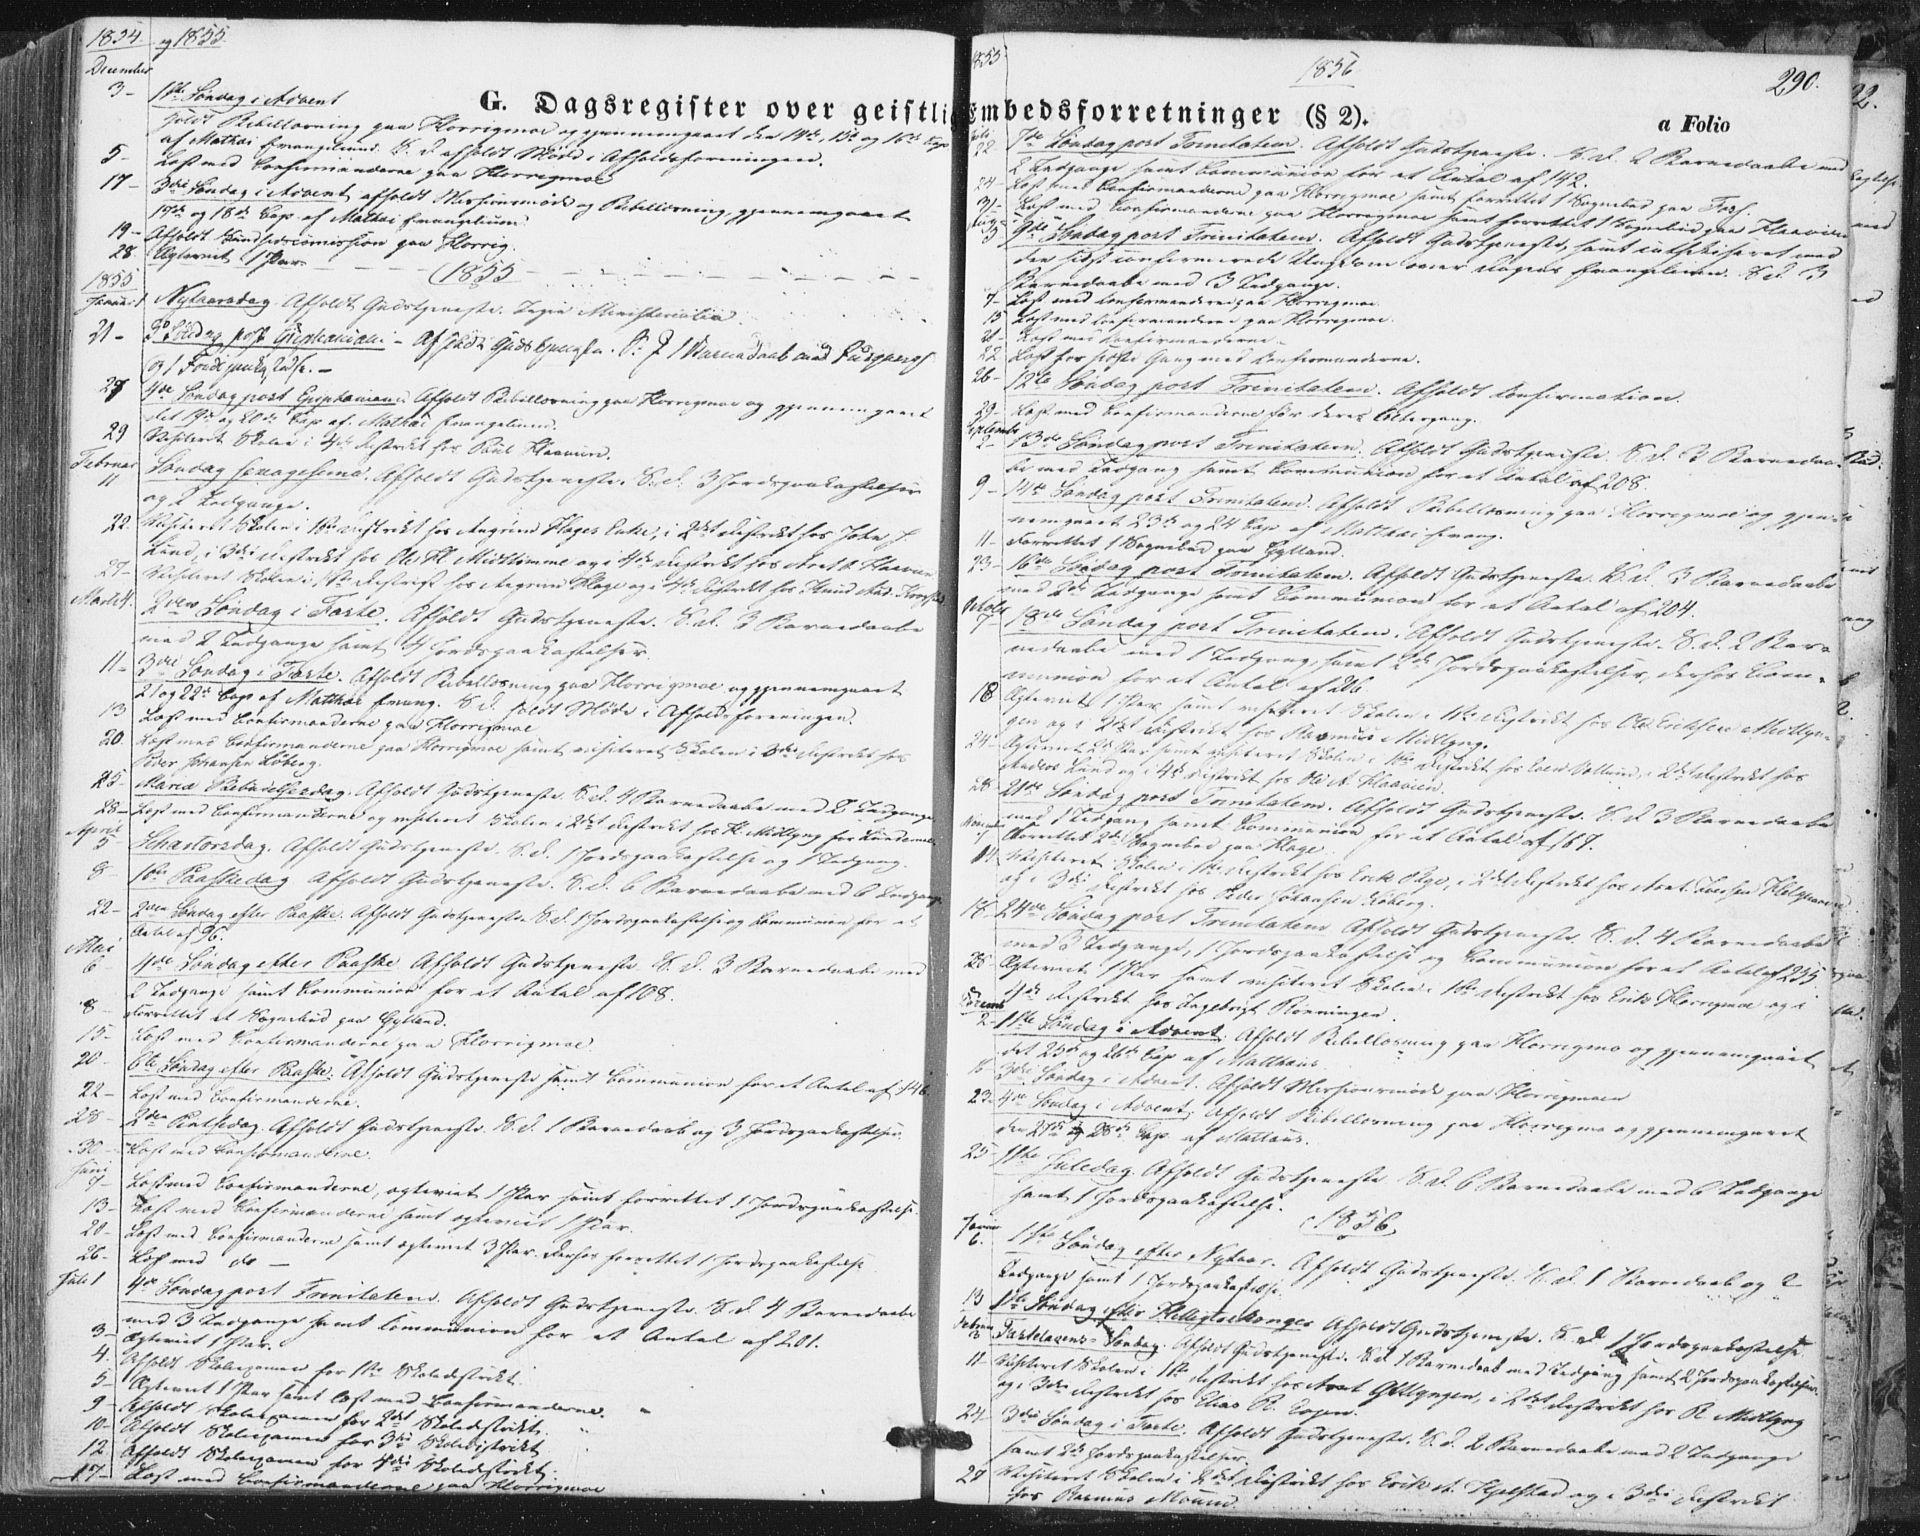 SAT, Ministerialprotokoller, klokkerbøker og fødselsregistre - Sør-Trøndelag, 692/L1103: Ministerialbok nr. 692A03, 1849-1870, s. 290